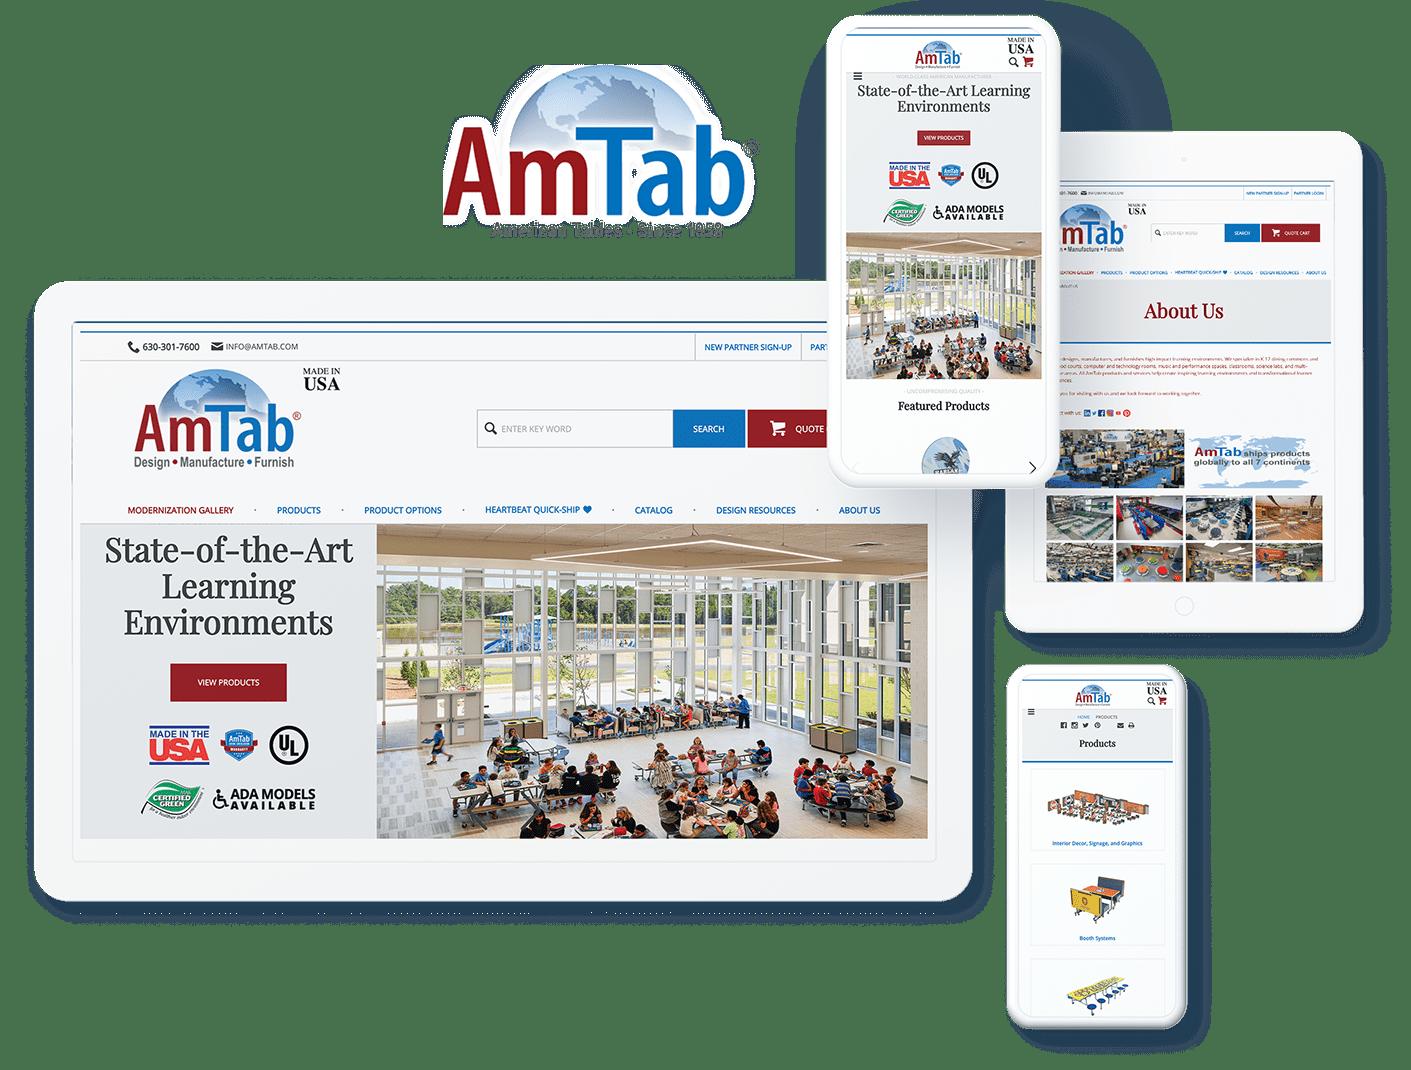 AmTab